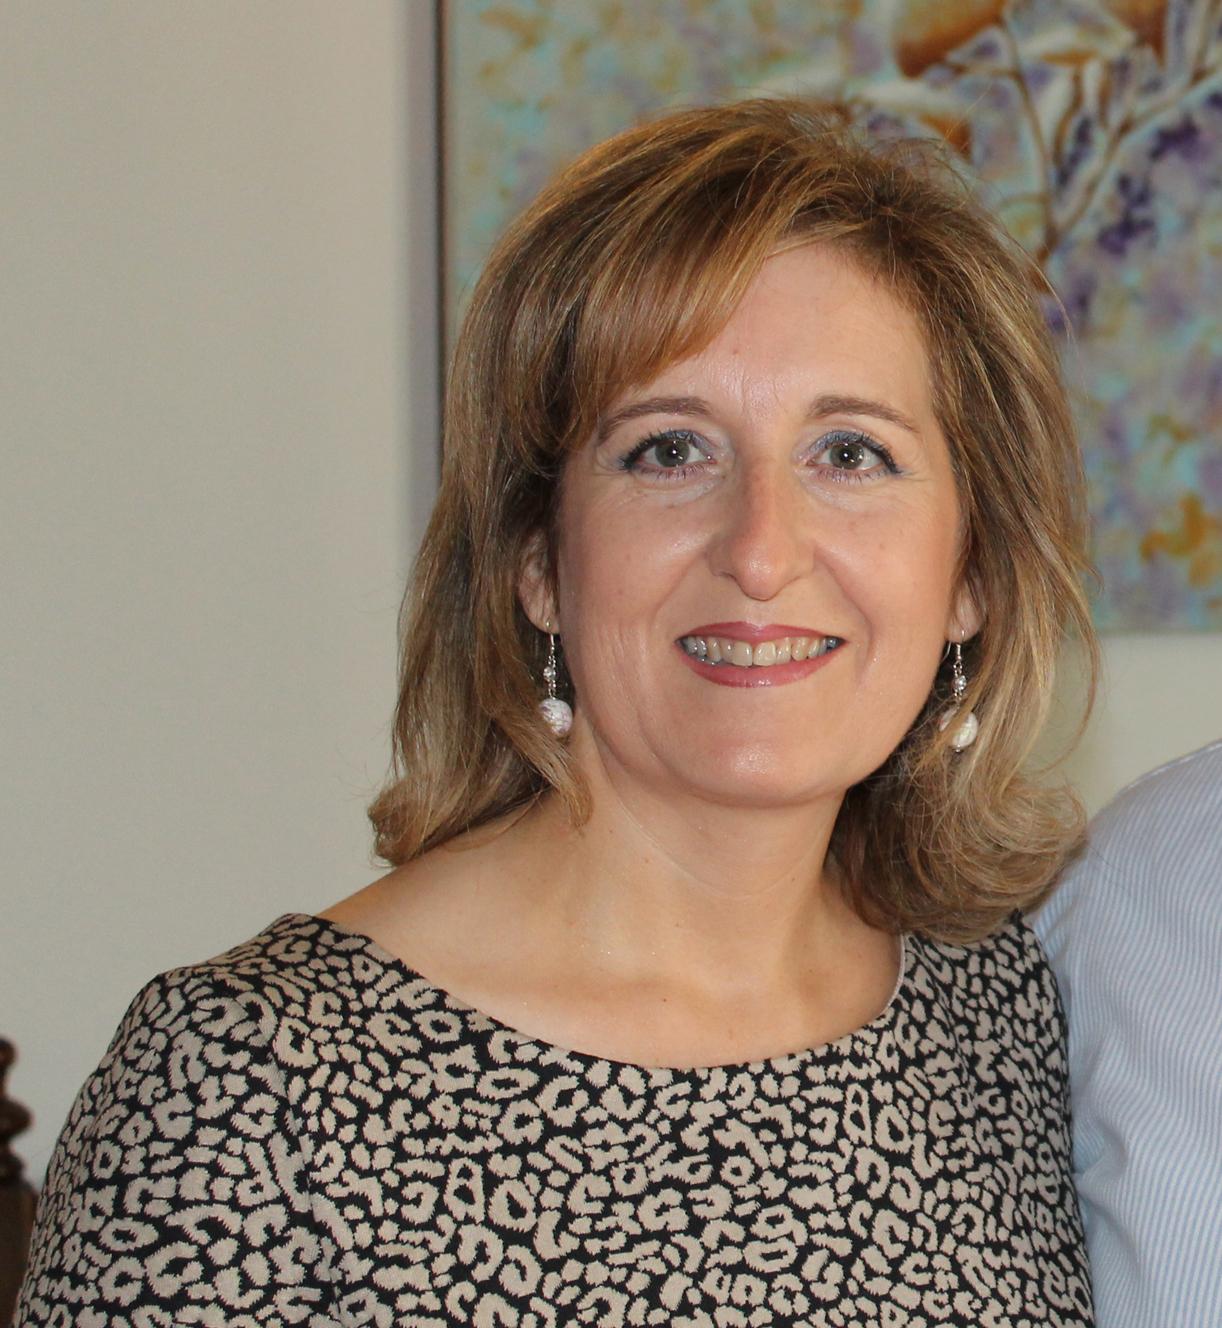 Petri Fernández Olmospñ